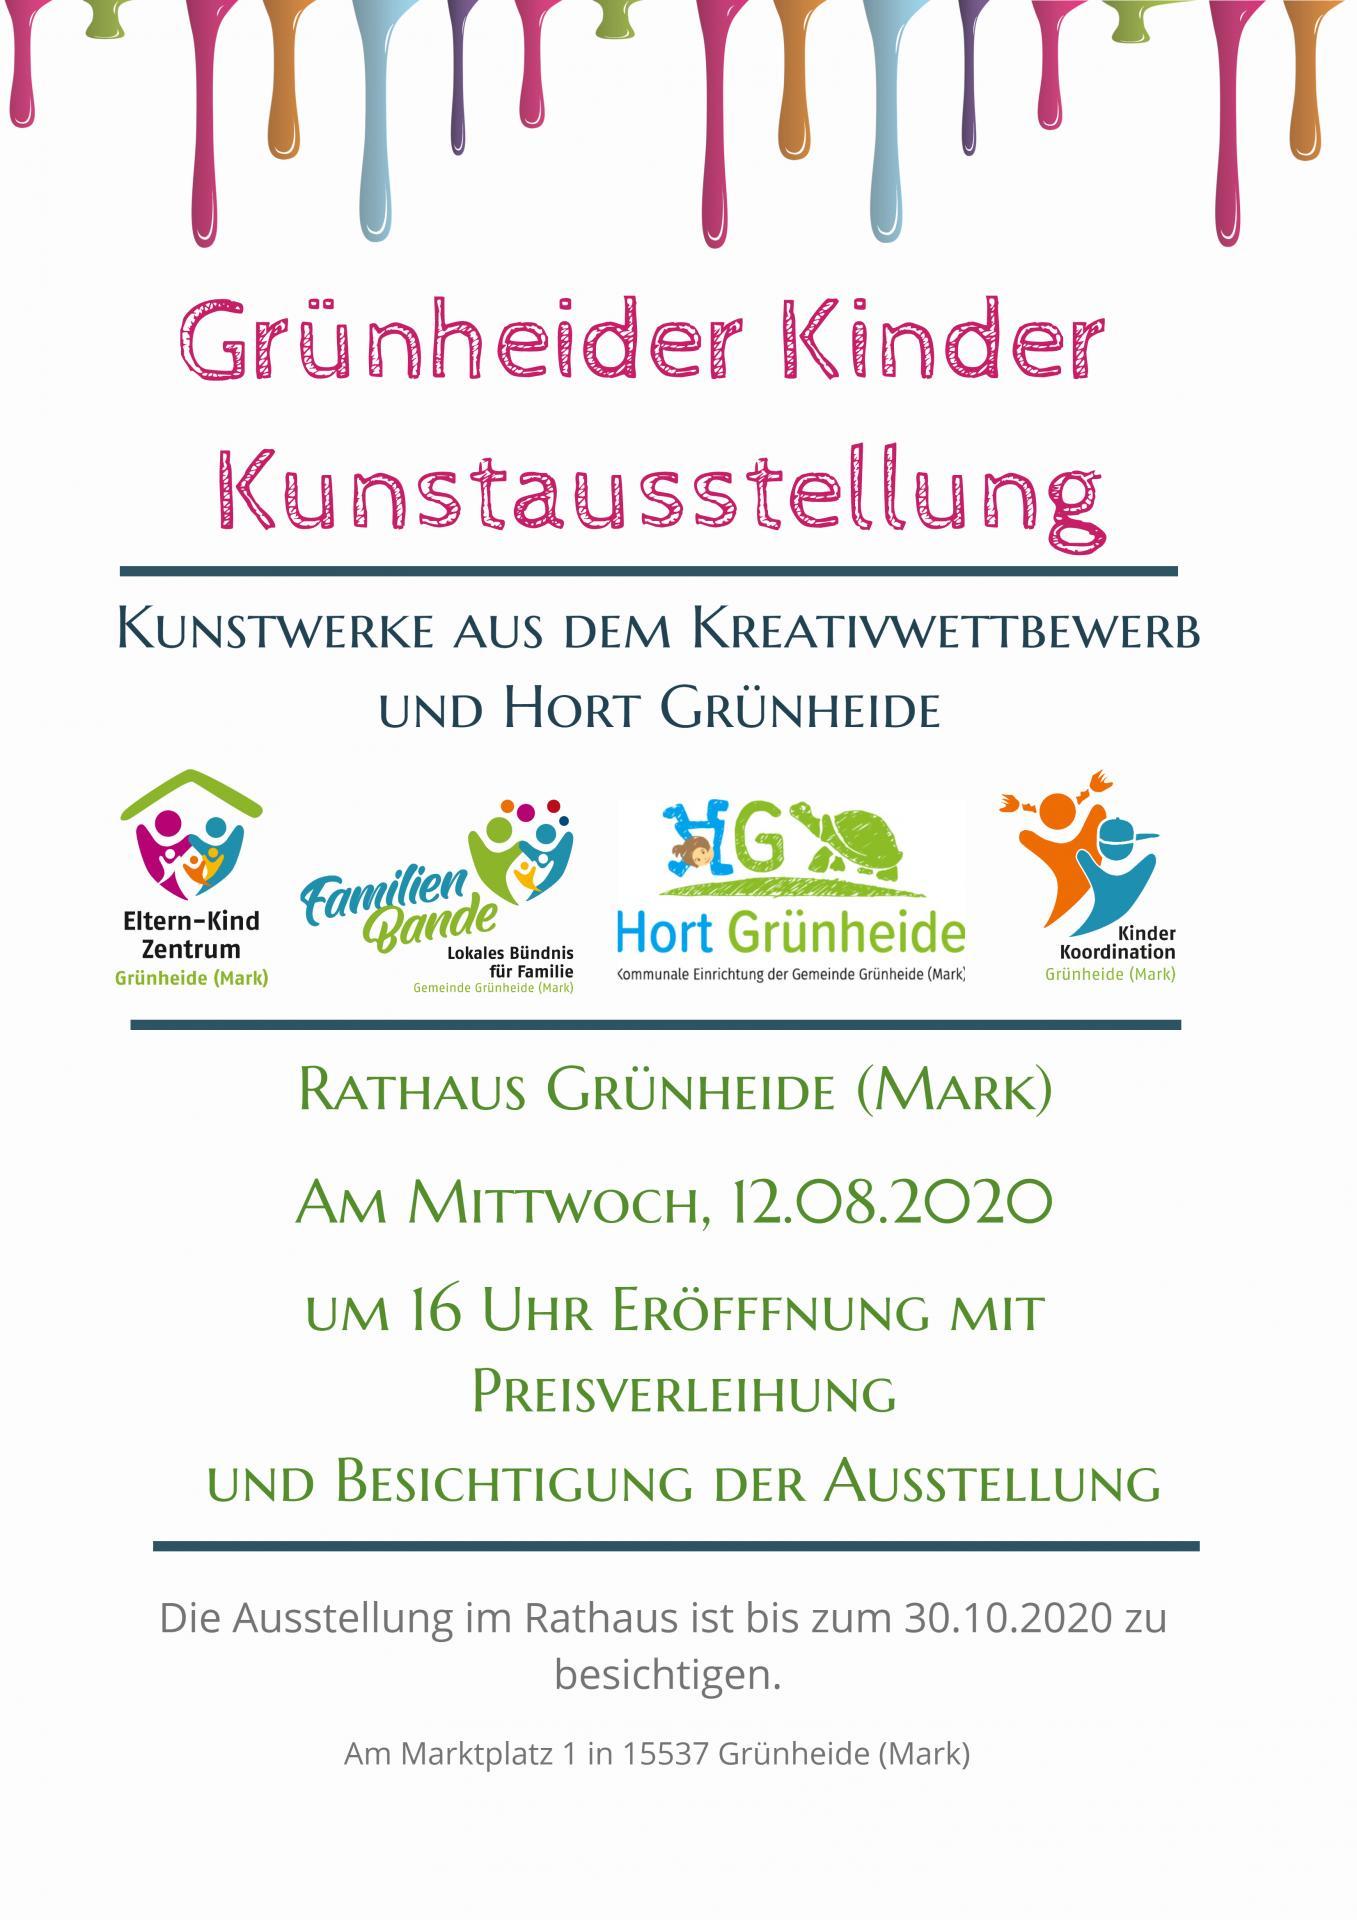 Kinder-Kunstausstellung Grünheide